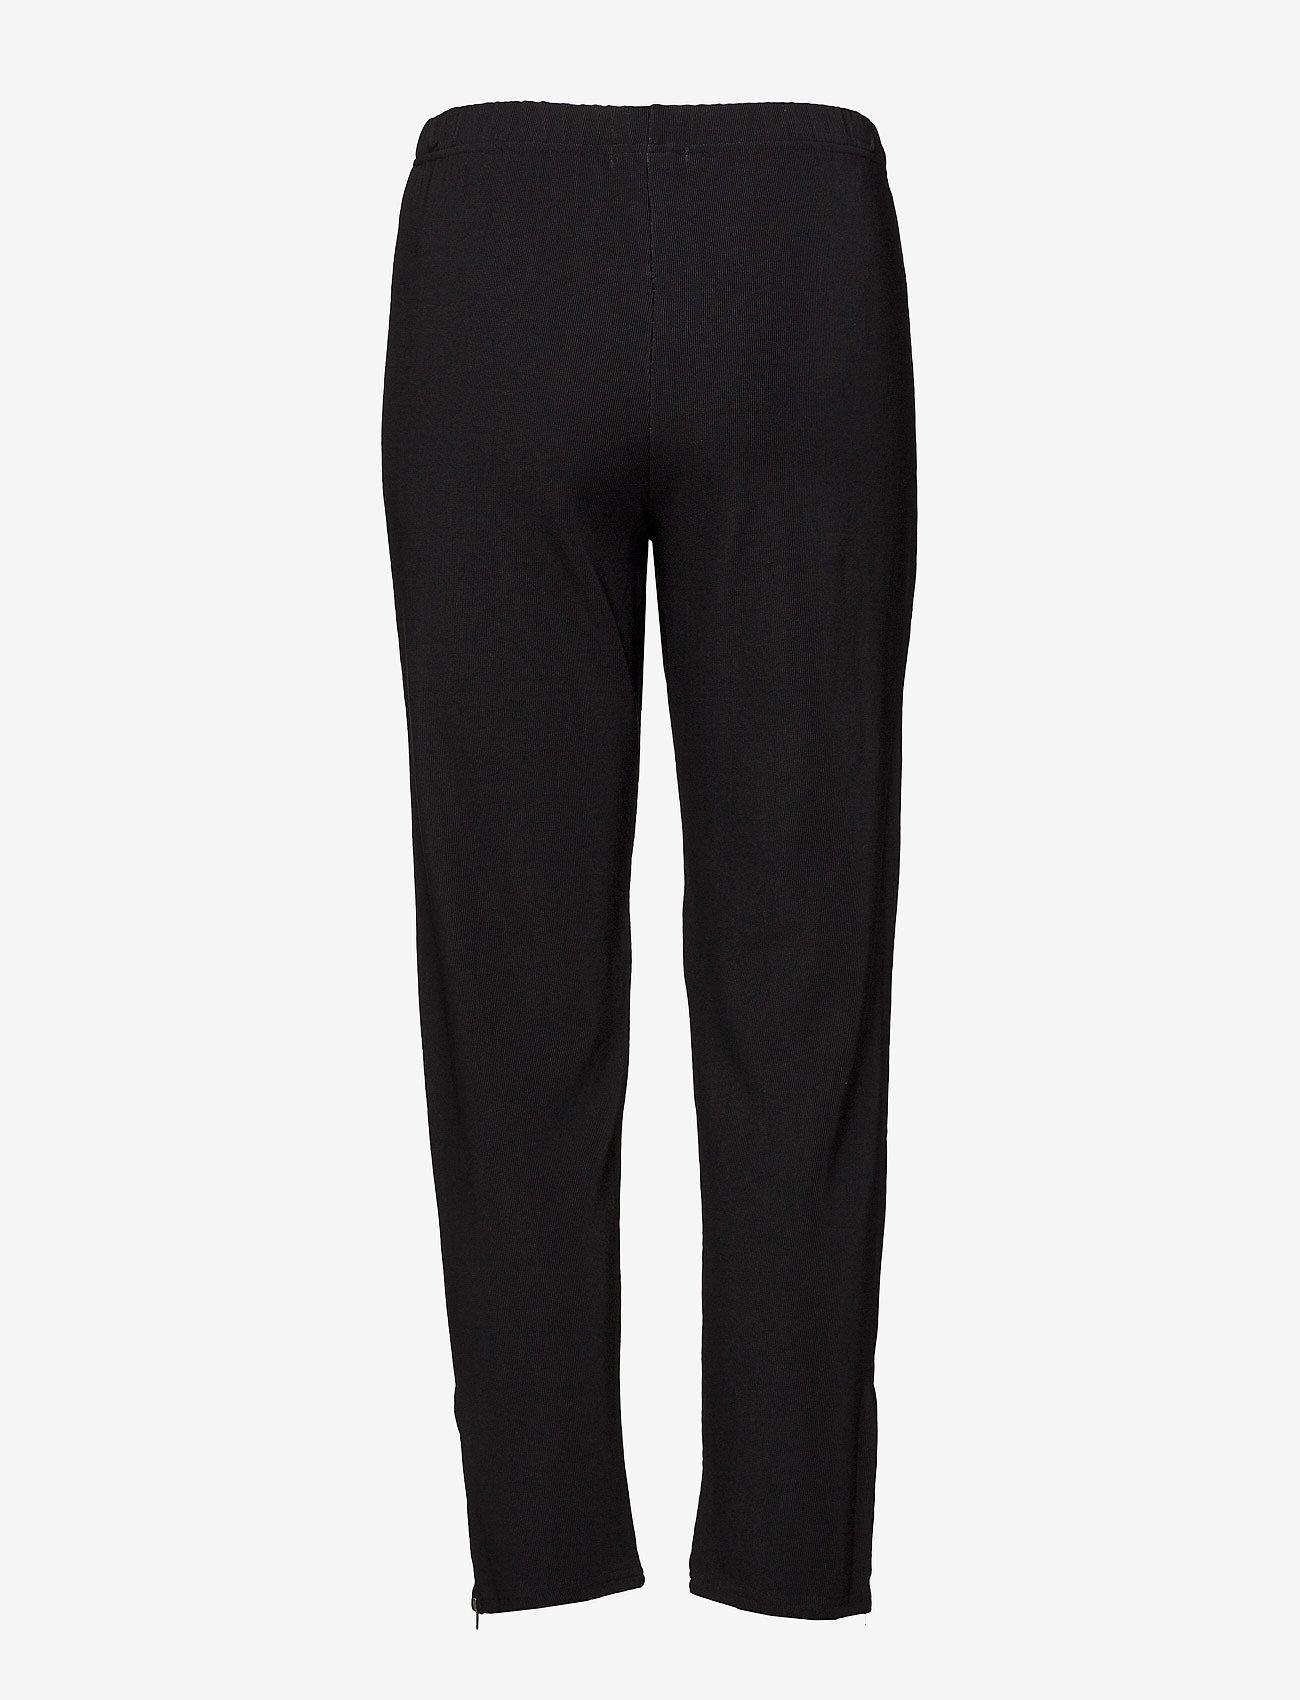 Masai - Polly - spodnie proste - black - 1